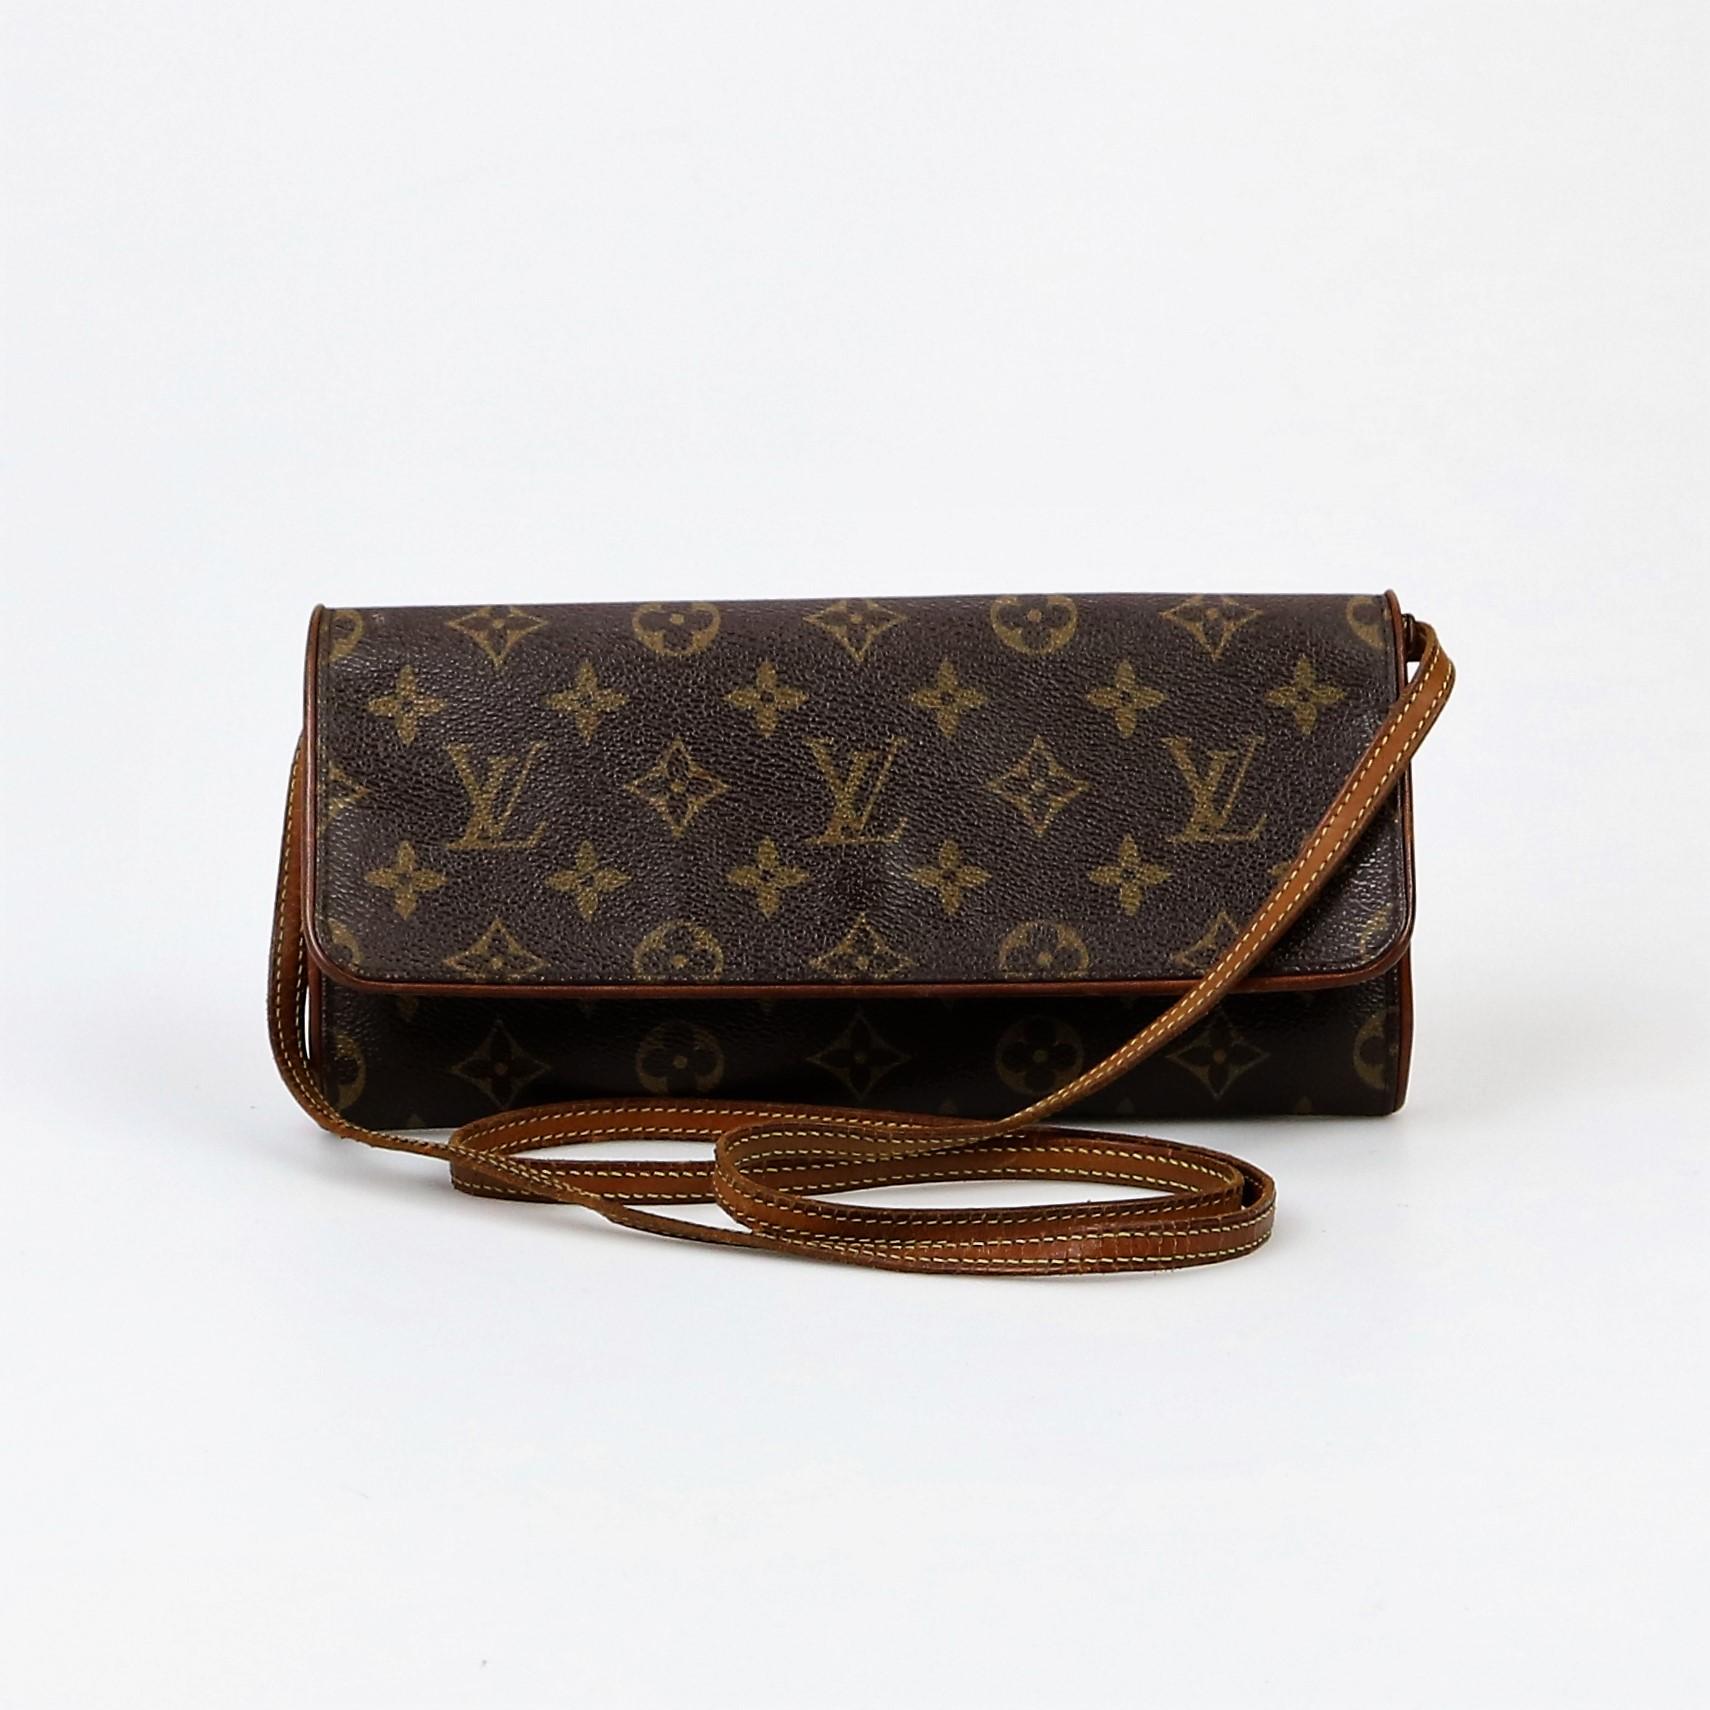 f8008e834c4b Louis Vuitton Twin Pouchette Bag